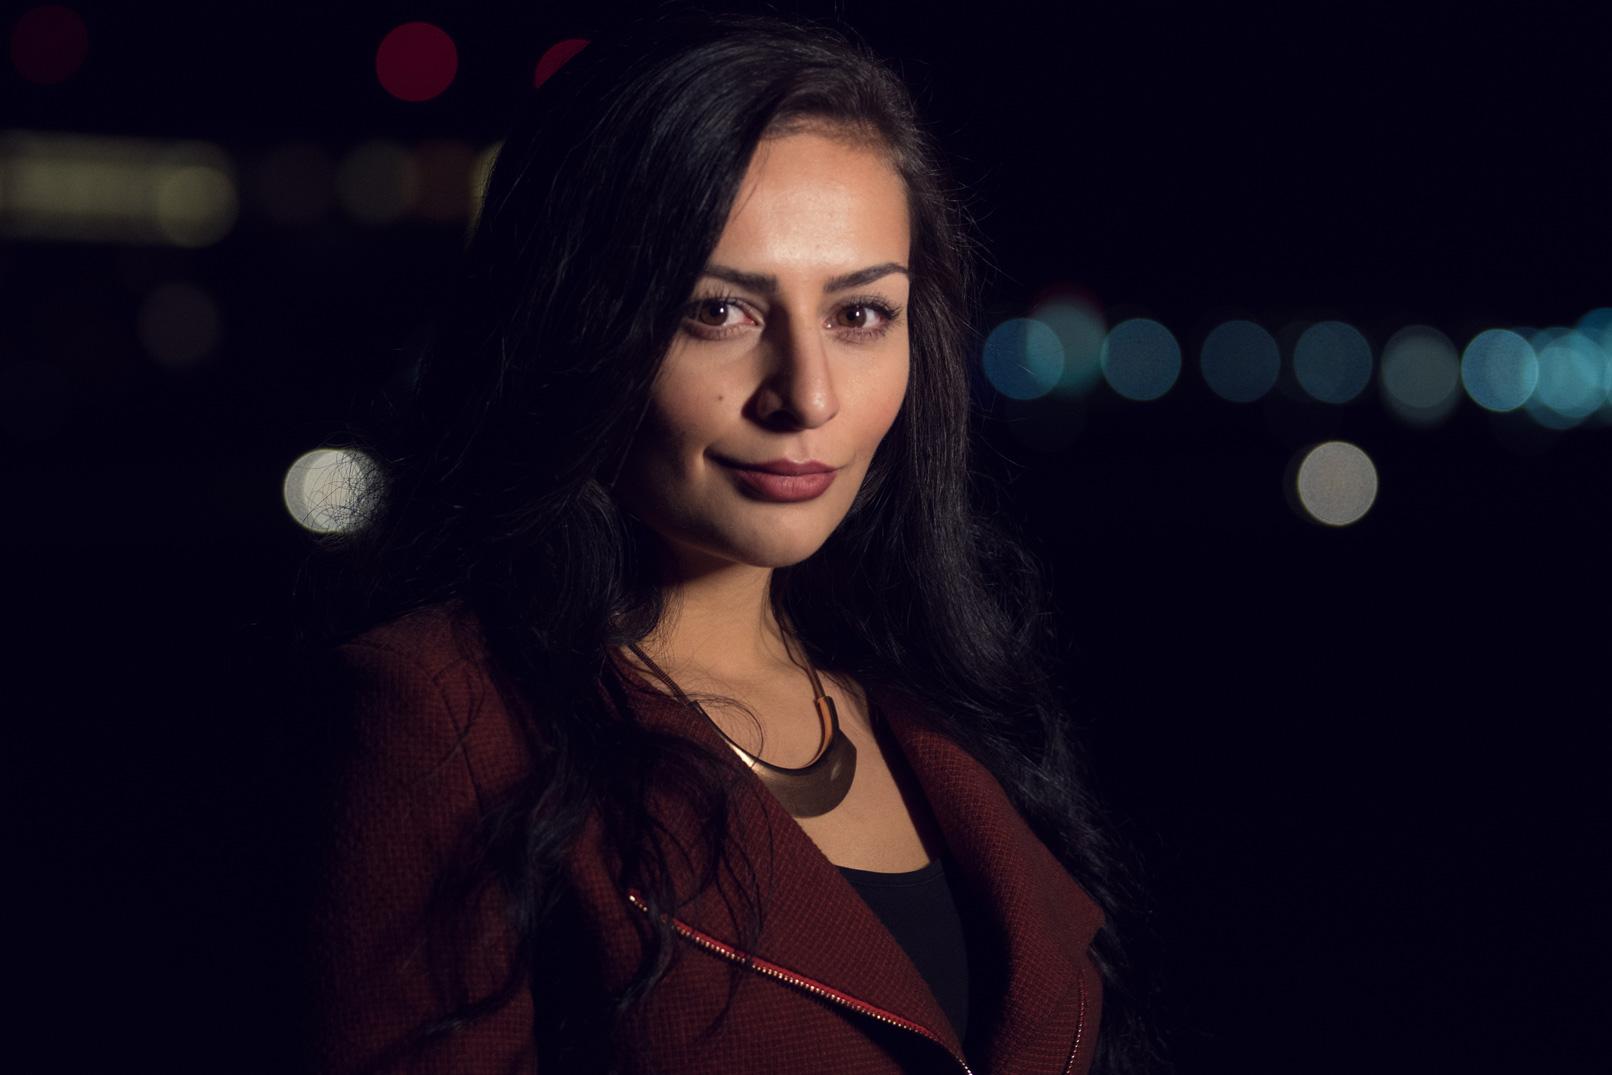 Porträt einer Frau bei Nacht mit Bokehs im Hintergrund.